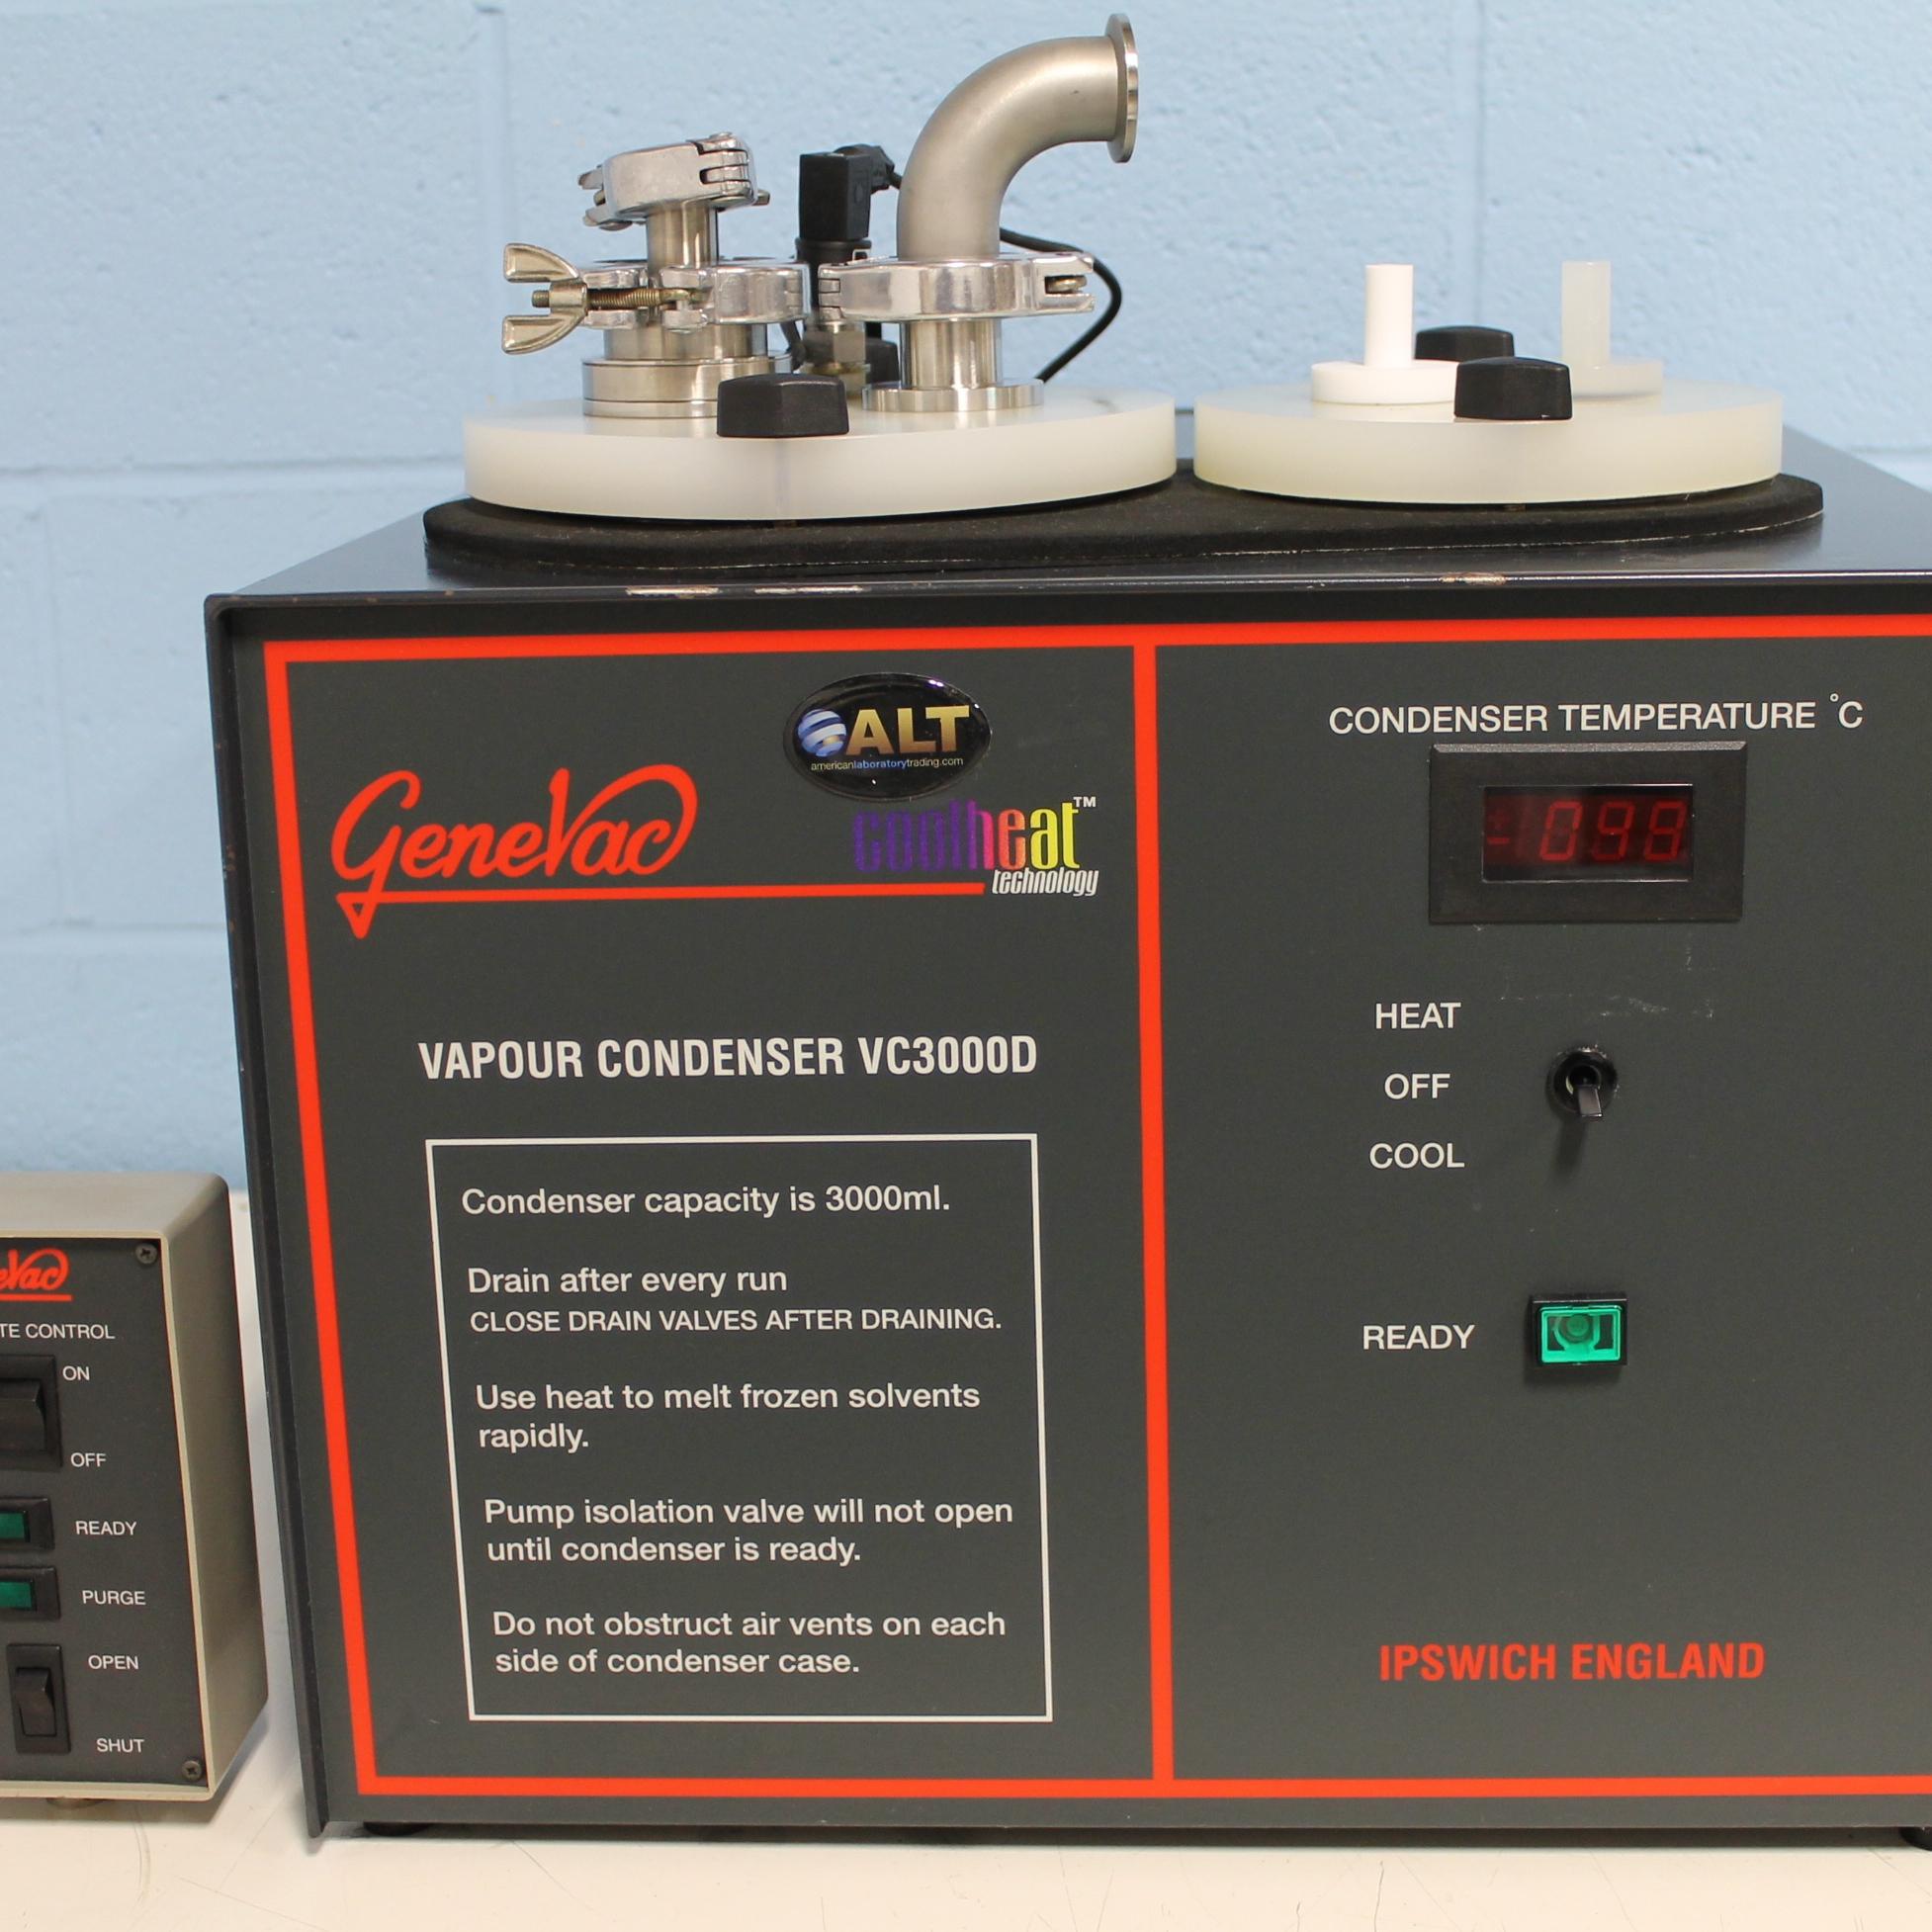 VC3000D Vapour Condenser Name